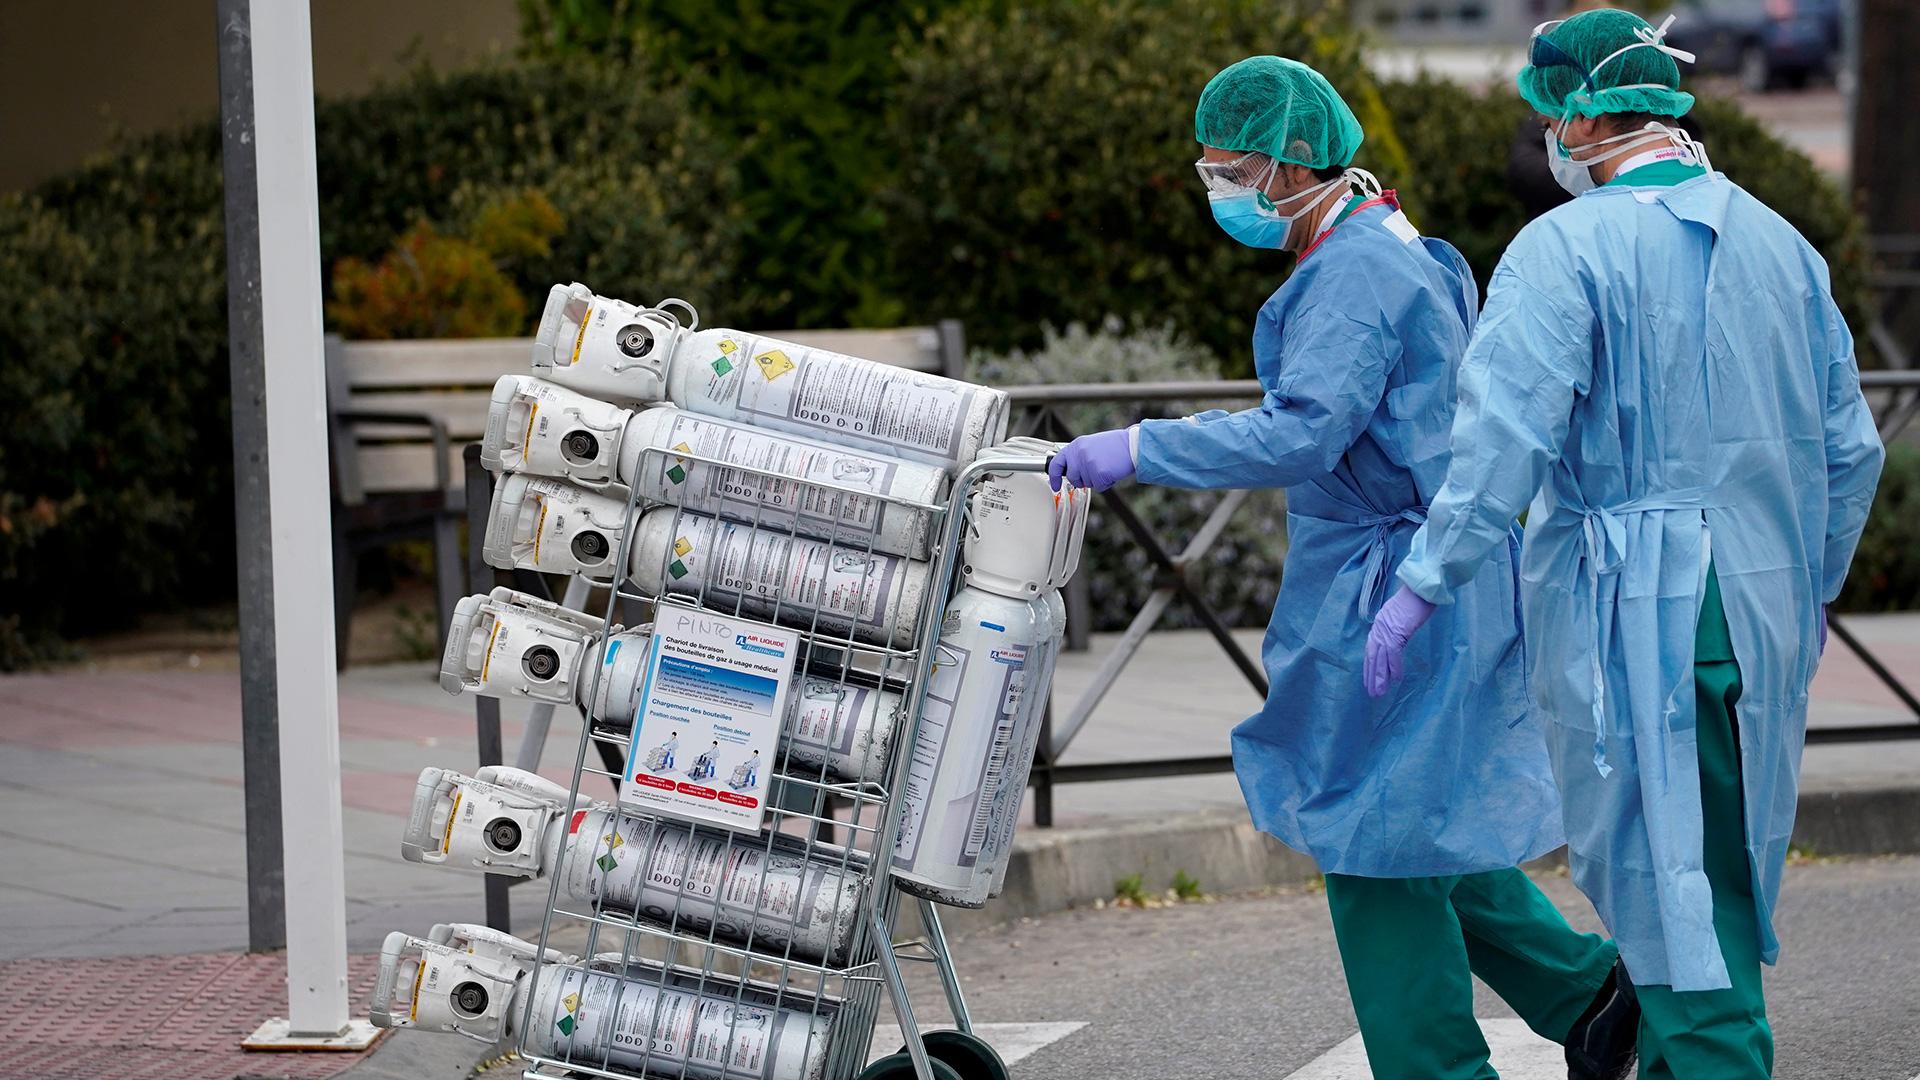 El Gobierno congeló el precio del oxígeno líquido medicinal